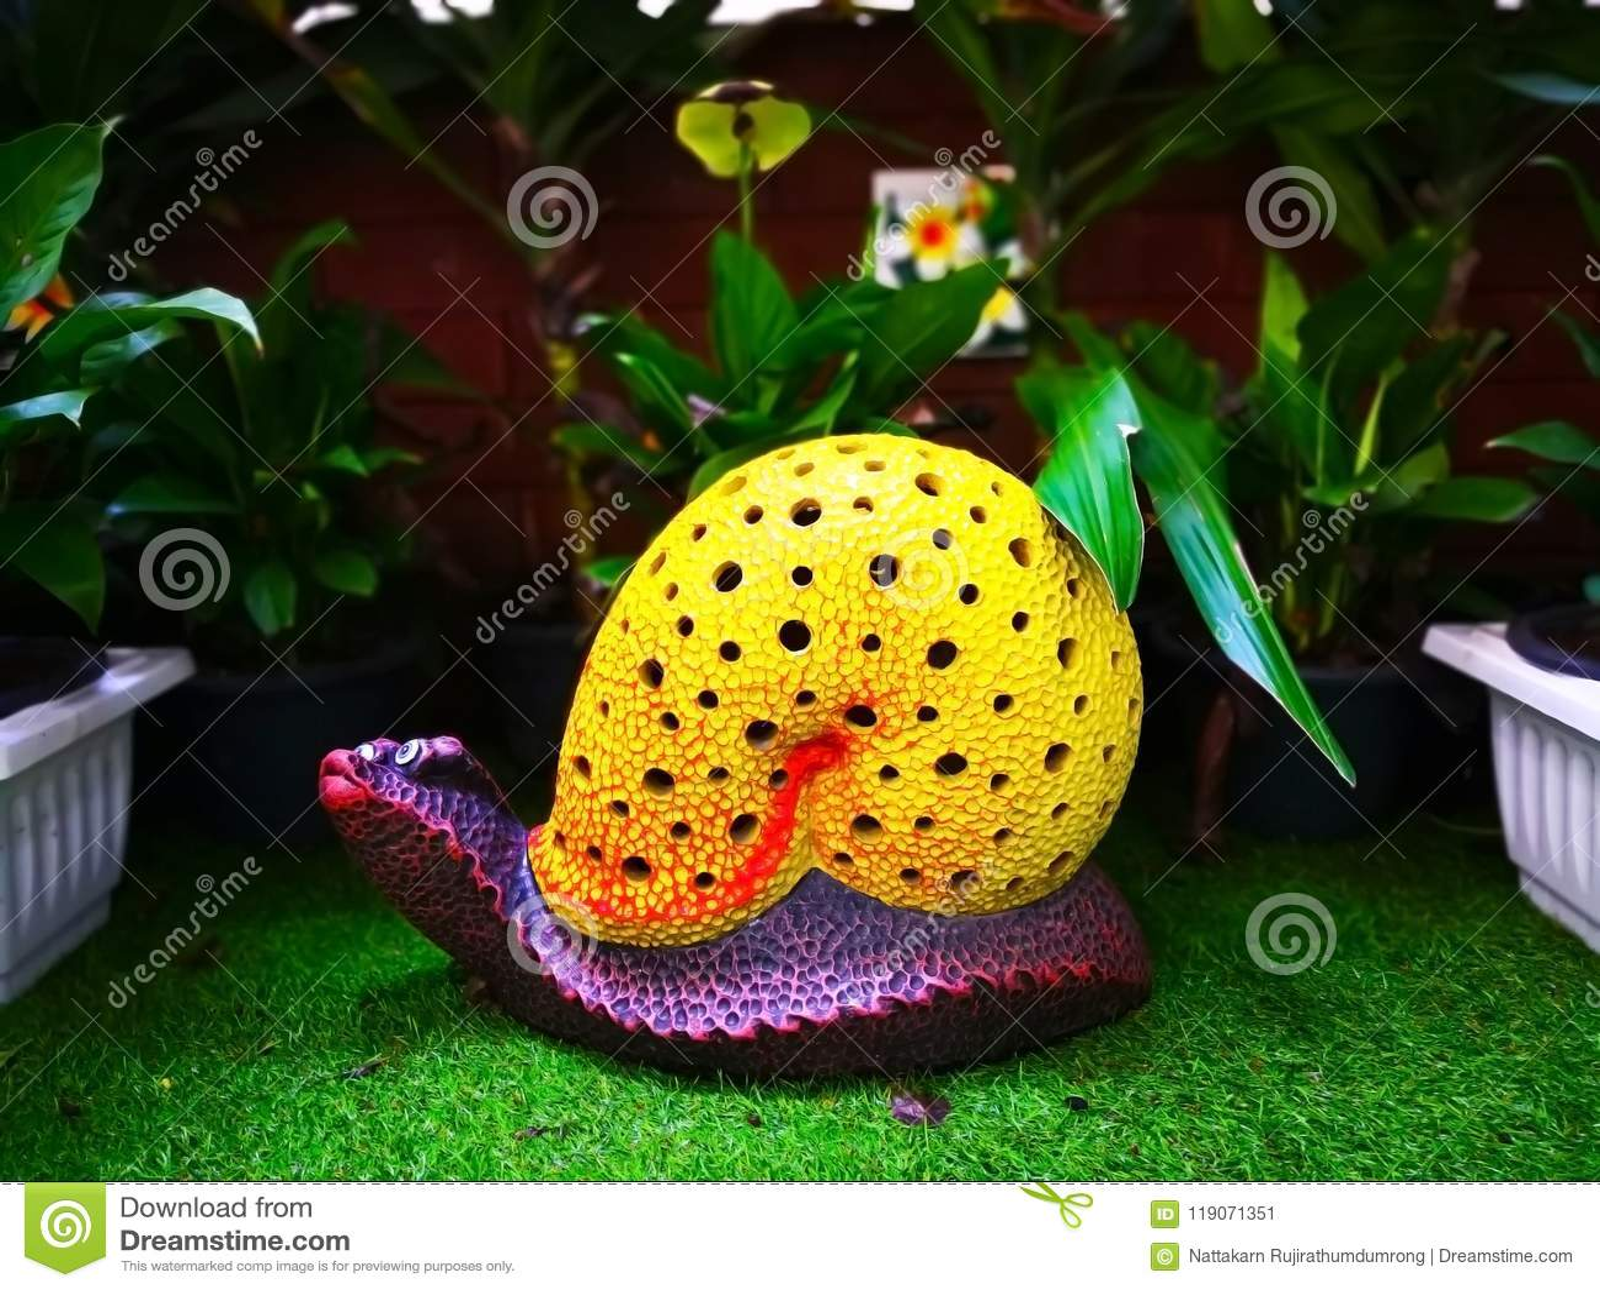 Die bunte keramische Schnecke mit gelbem Oberteil und purpurrotem Körper, wh